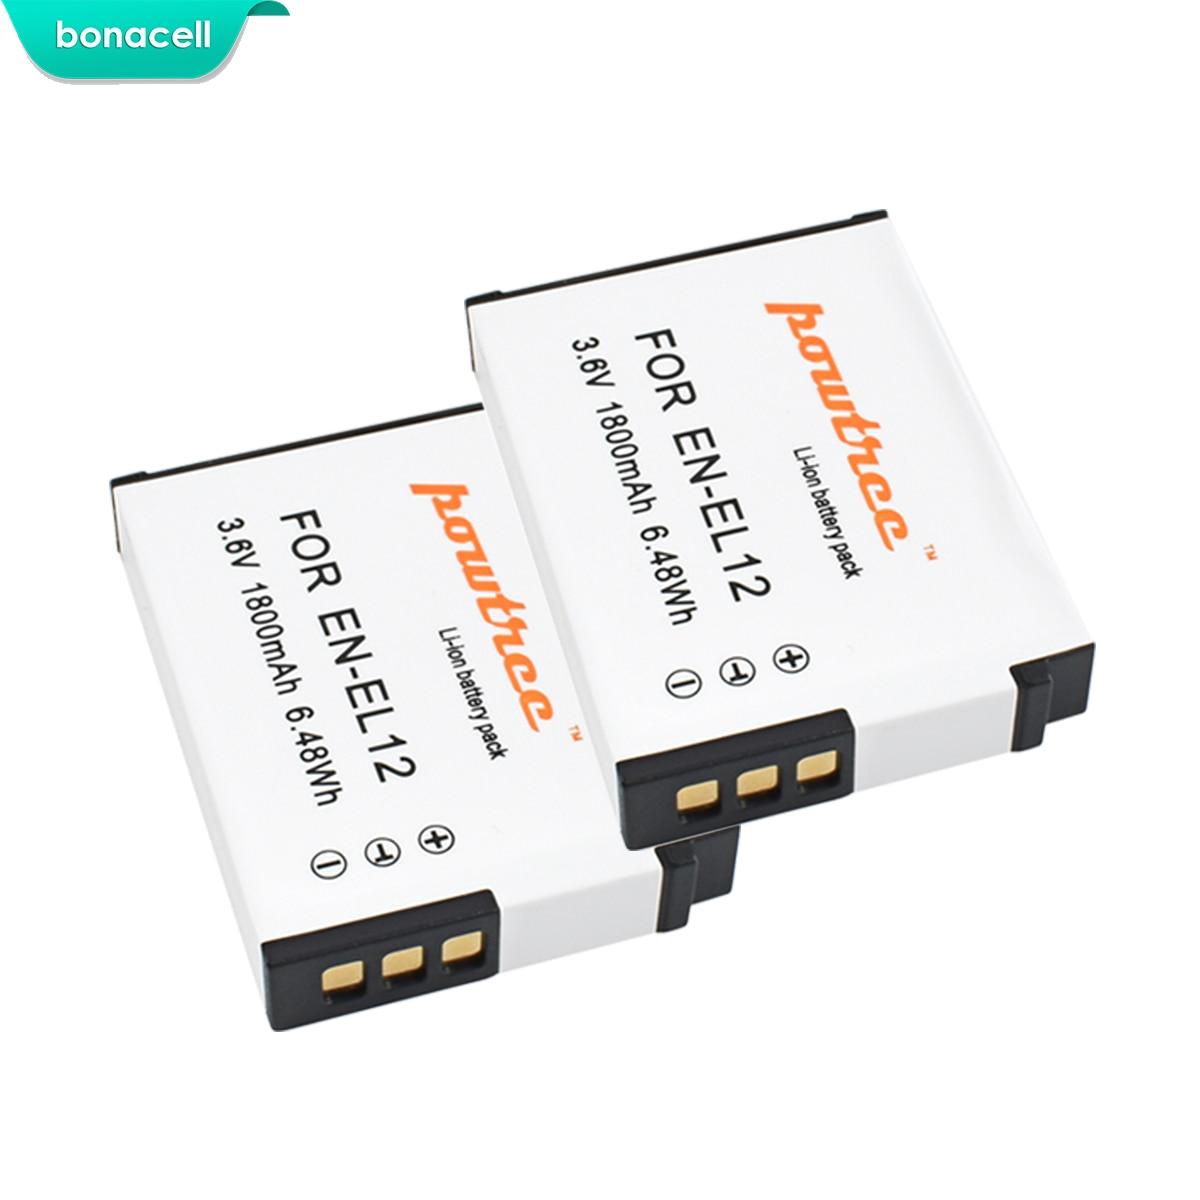 Bonacell 1800mAh EN-EL12 EN EL12 Battery for Nikon CoolPix S610 S610c S620 S630 S710 P300 P310 P330 S6200 S6300 S9400 S9500 L15Bonacell 1800mAh EN-EL12 EN EL12 Battery for Nikon CoolPix S610 S610c S620 S630 S710 P300 P310 P330 S6200 S6300 S9400 S9500 L15